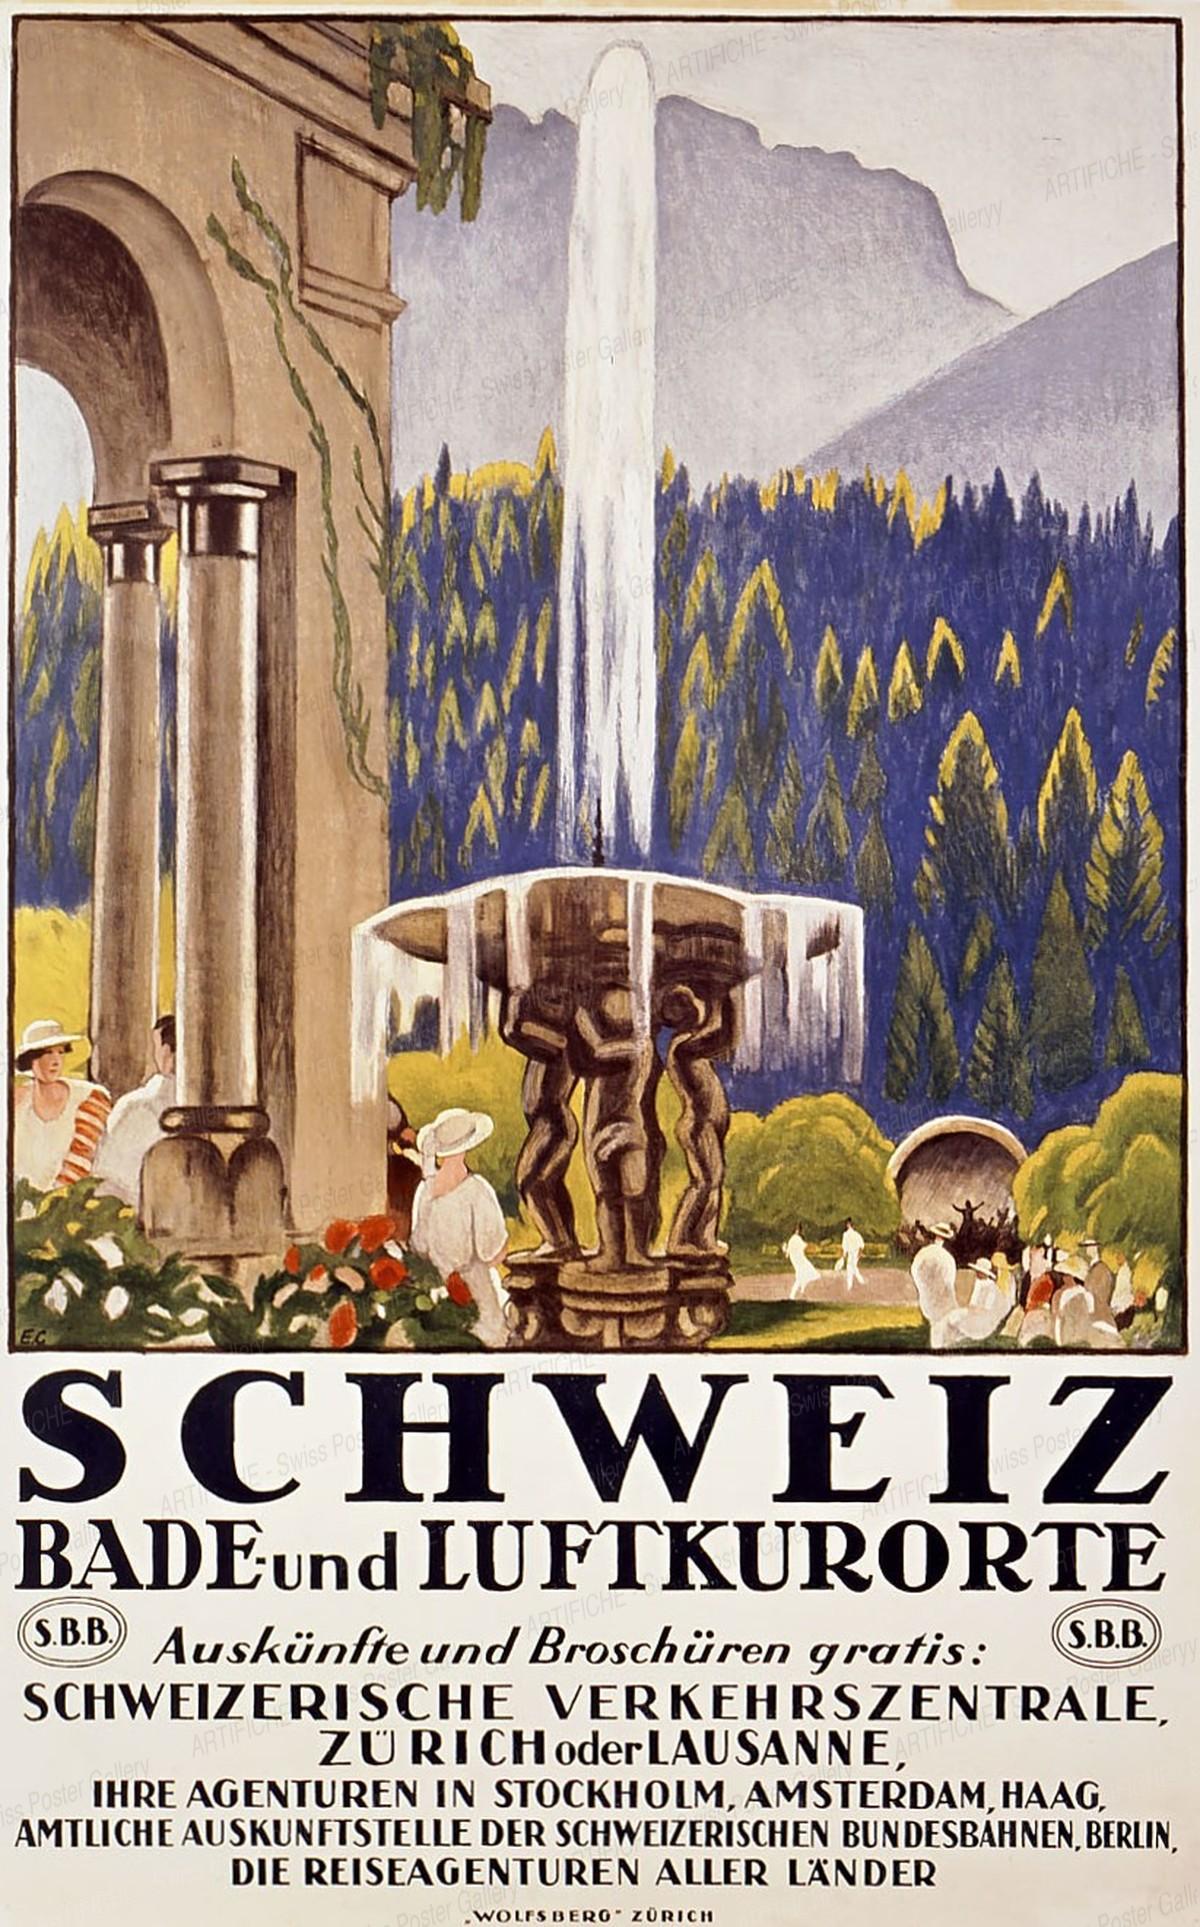 SCHWEIZ – Bade- und Luftkurorte, Emil Cardinaux